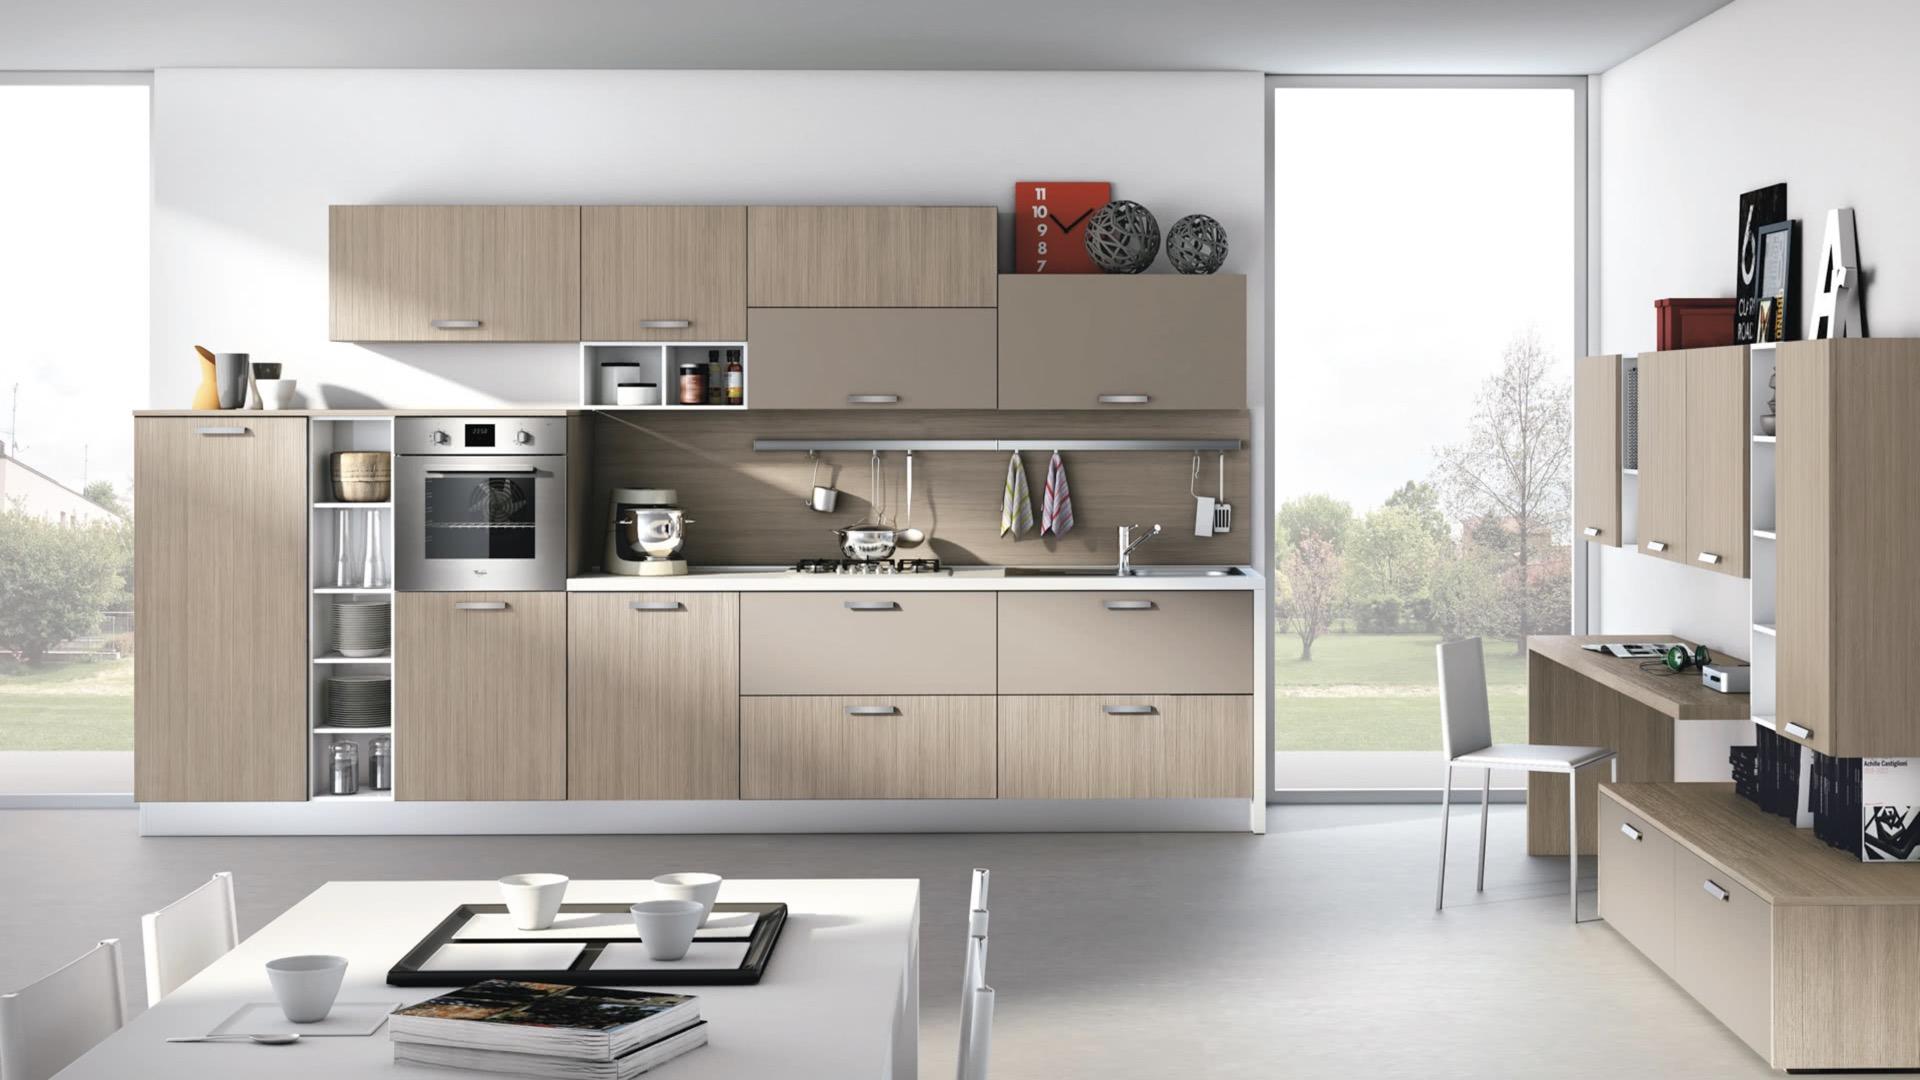 Cucine Creo Moderne a Milano | Arredamenti Milano Folino